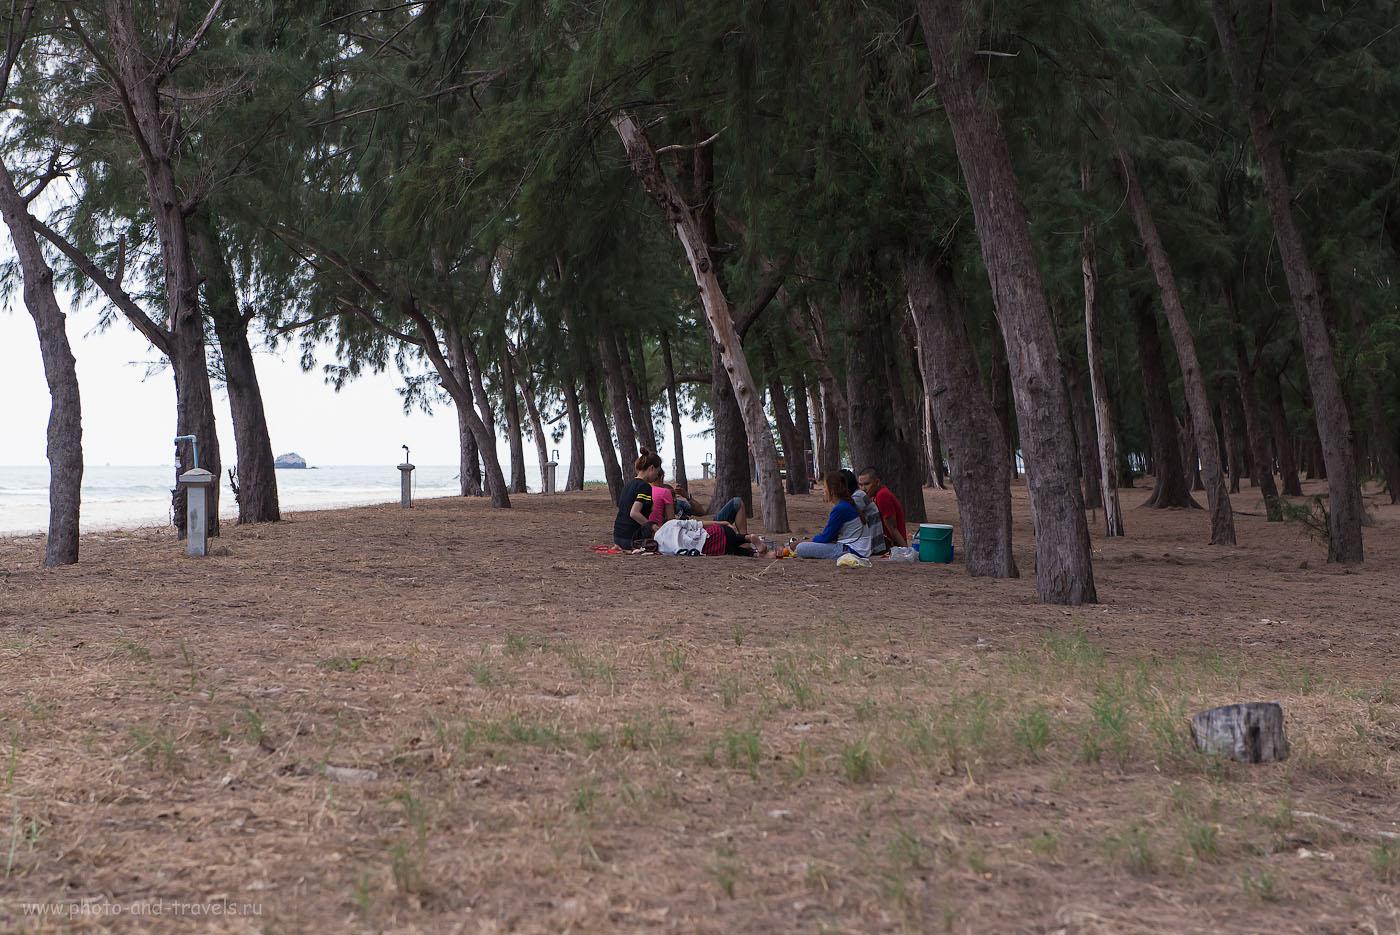 Фото 4. Пикник на пляже Лаем Сала в национальном парке Сам Рой Йот. Отдых после посещения пещеры Прайя Накхон (Phraya Nakhon cave) (1250, 70, F=7.1, 1/400)